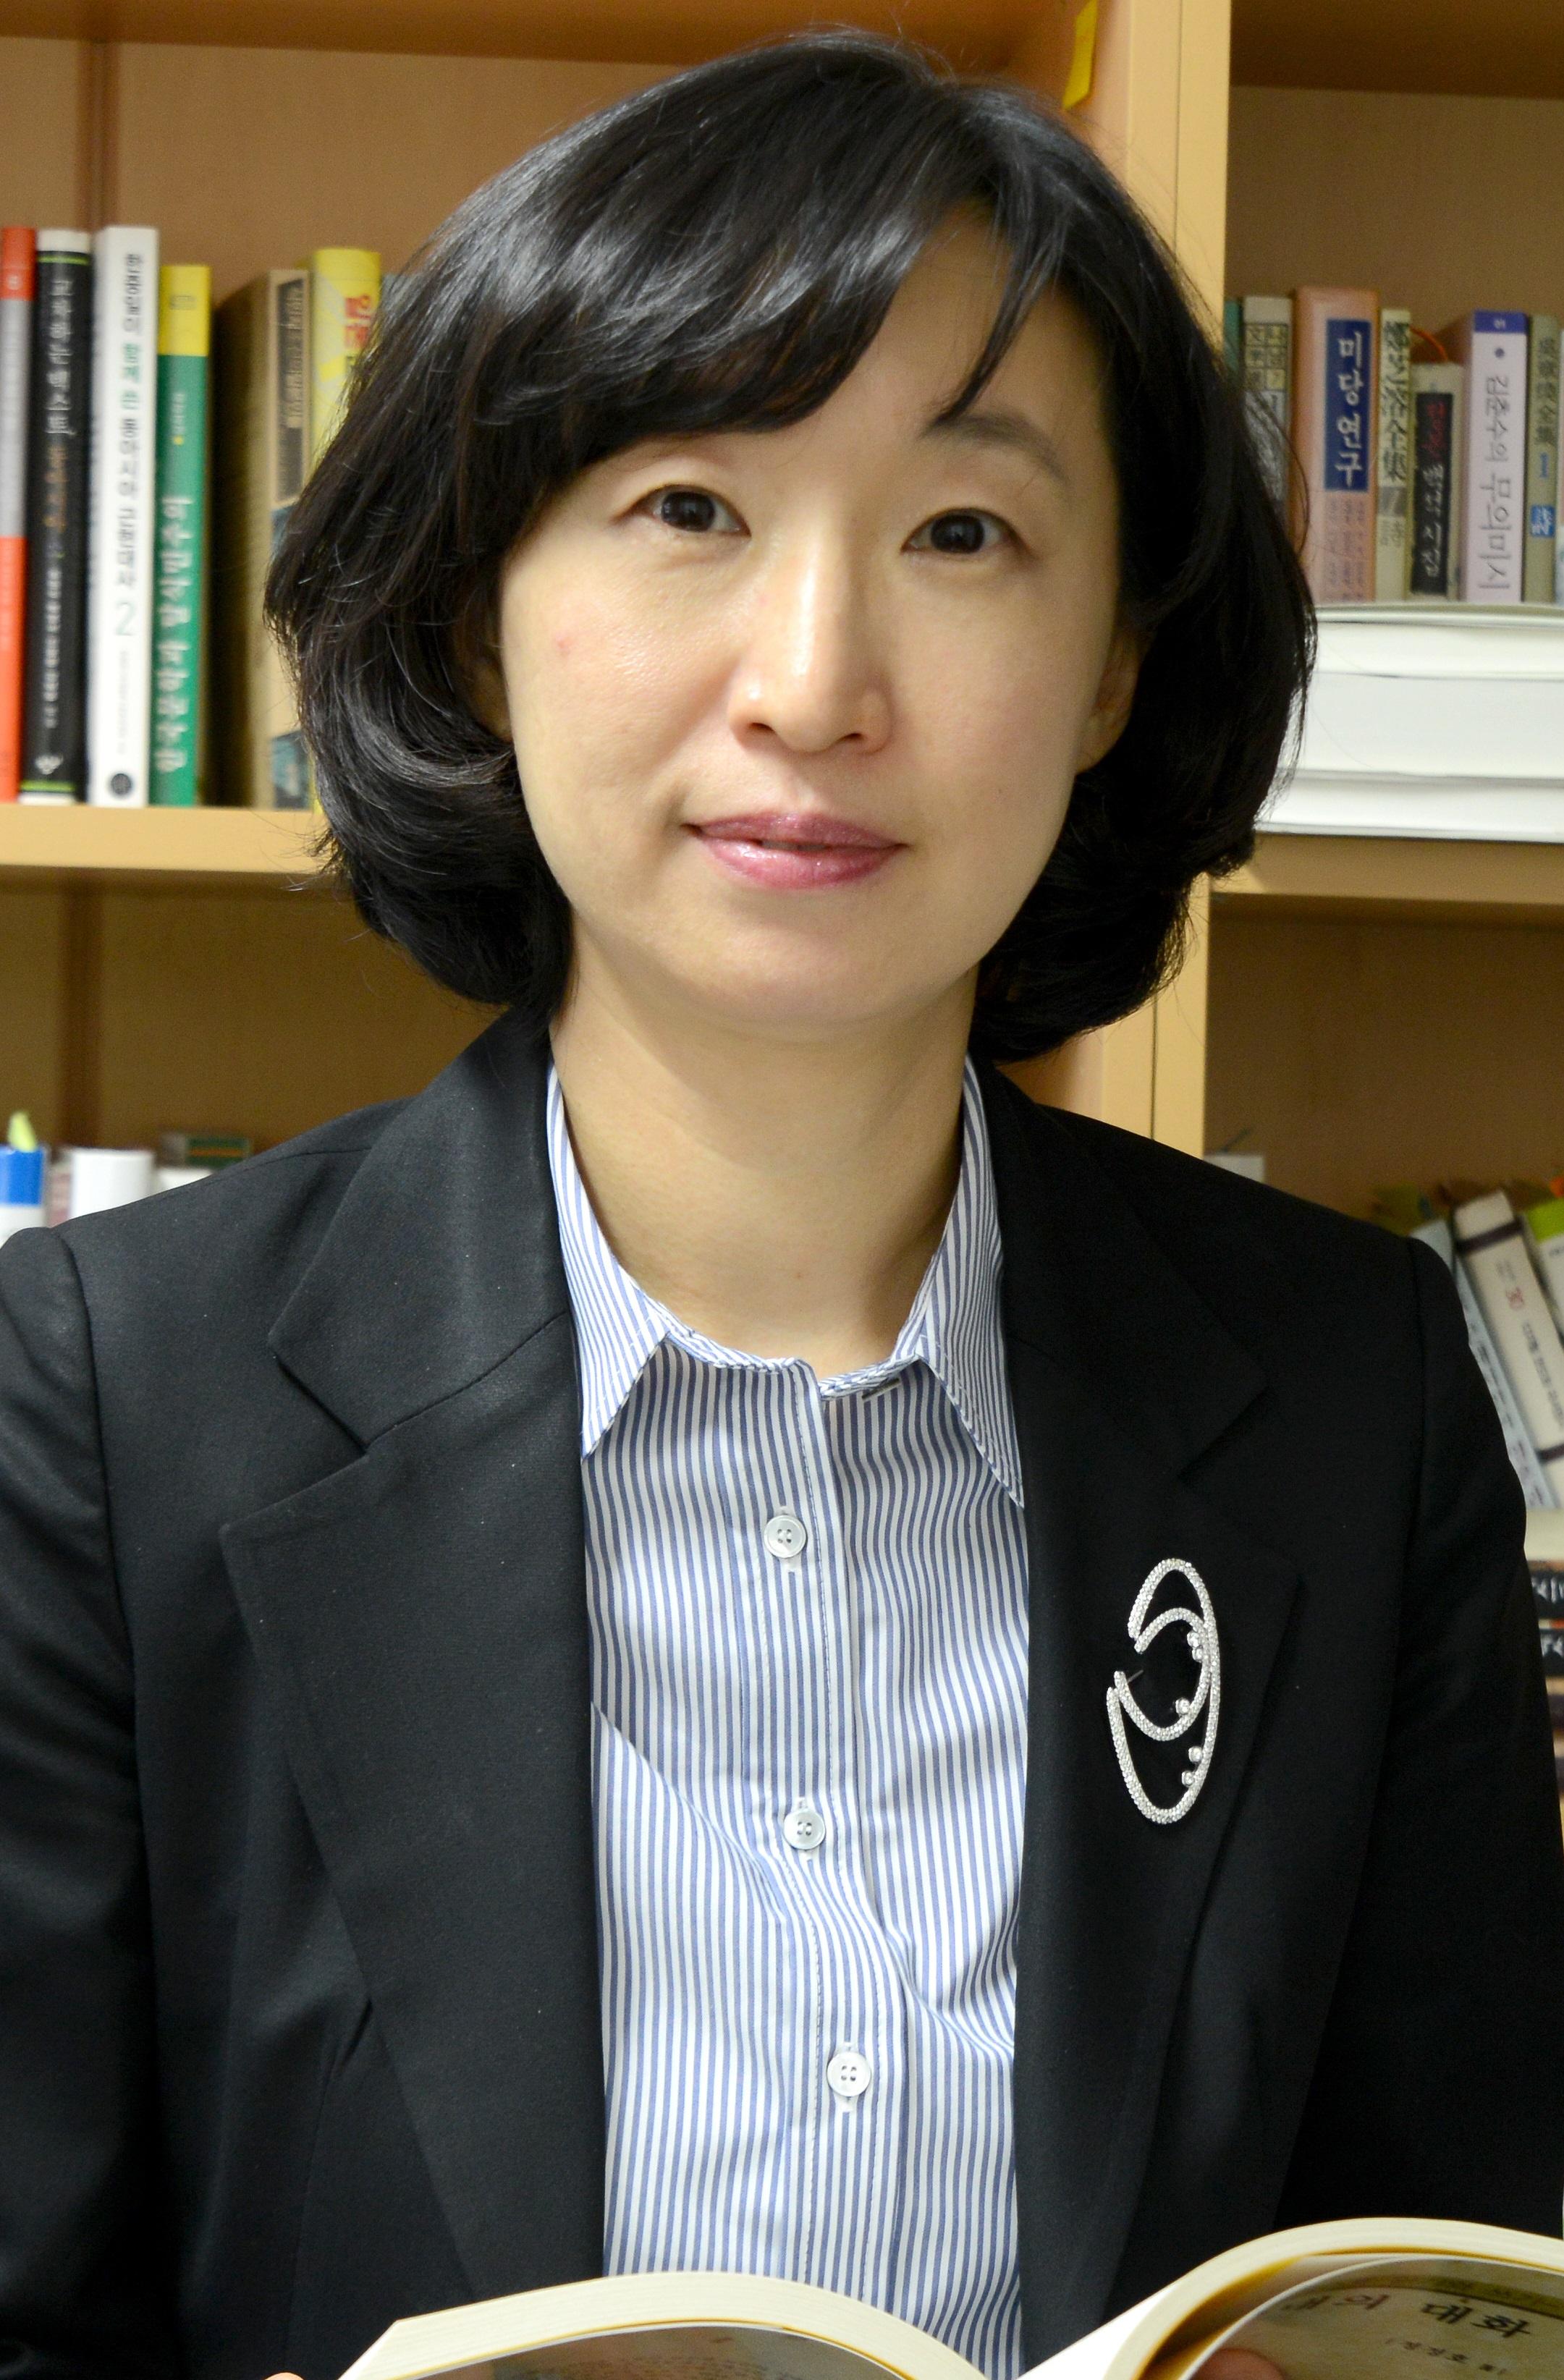 김진희(金眞憘) 교수님 사진